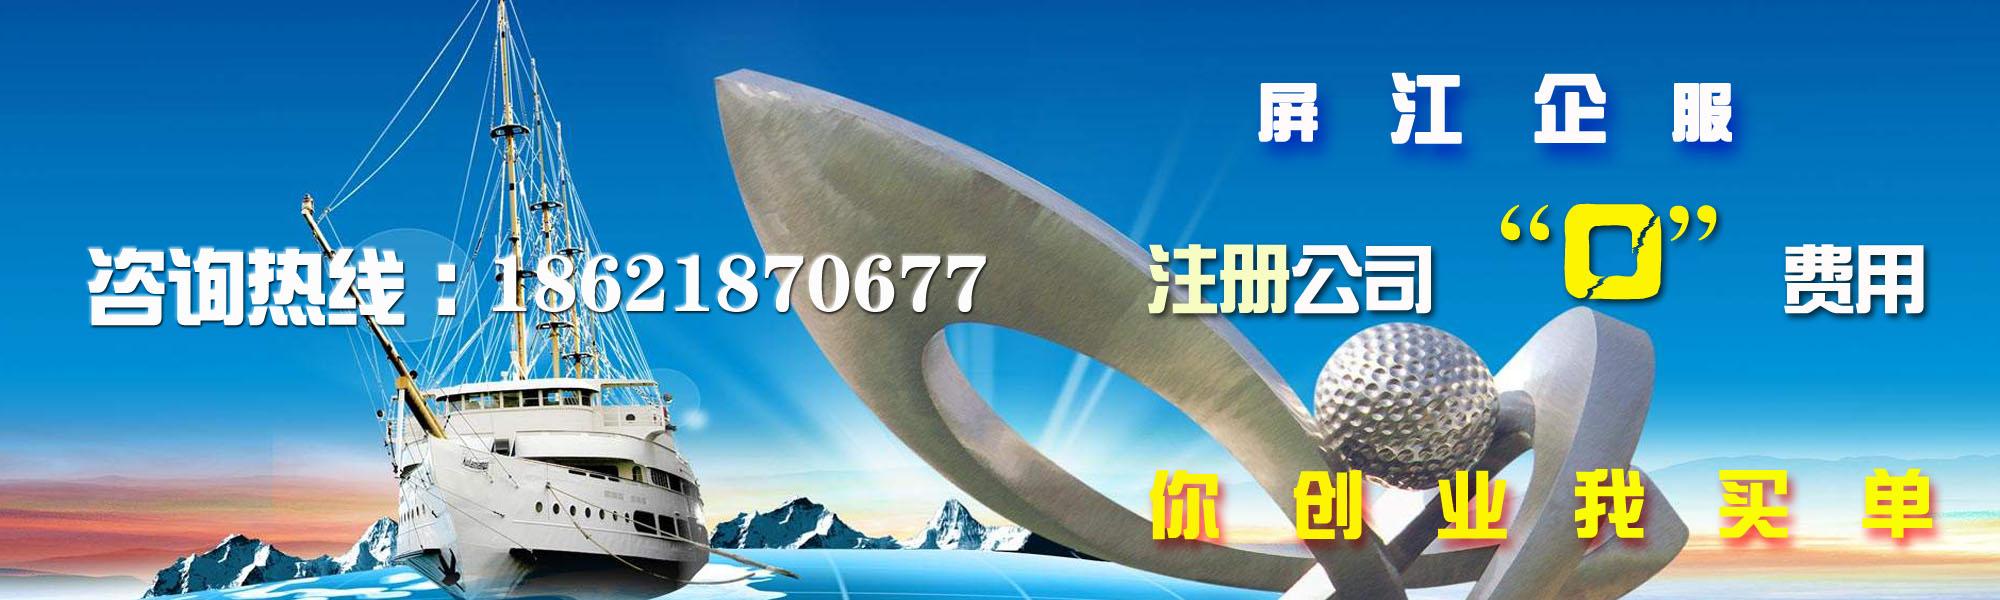 青浦注册公司|屏江企业服务(上海)有限责任公司